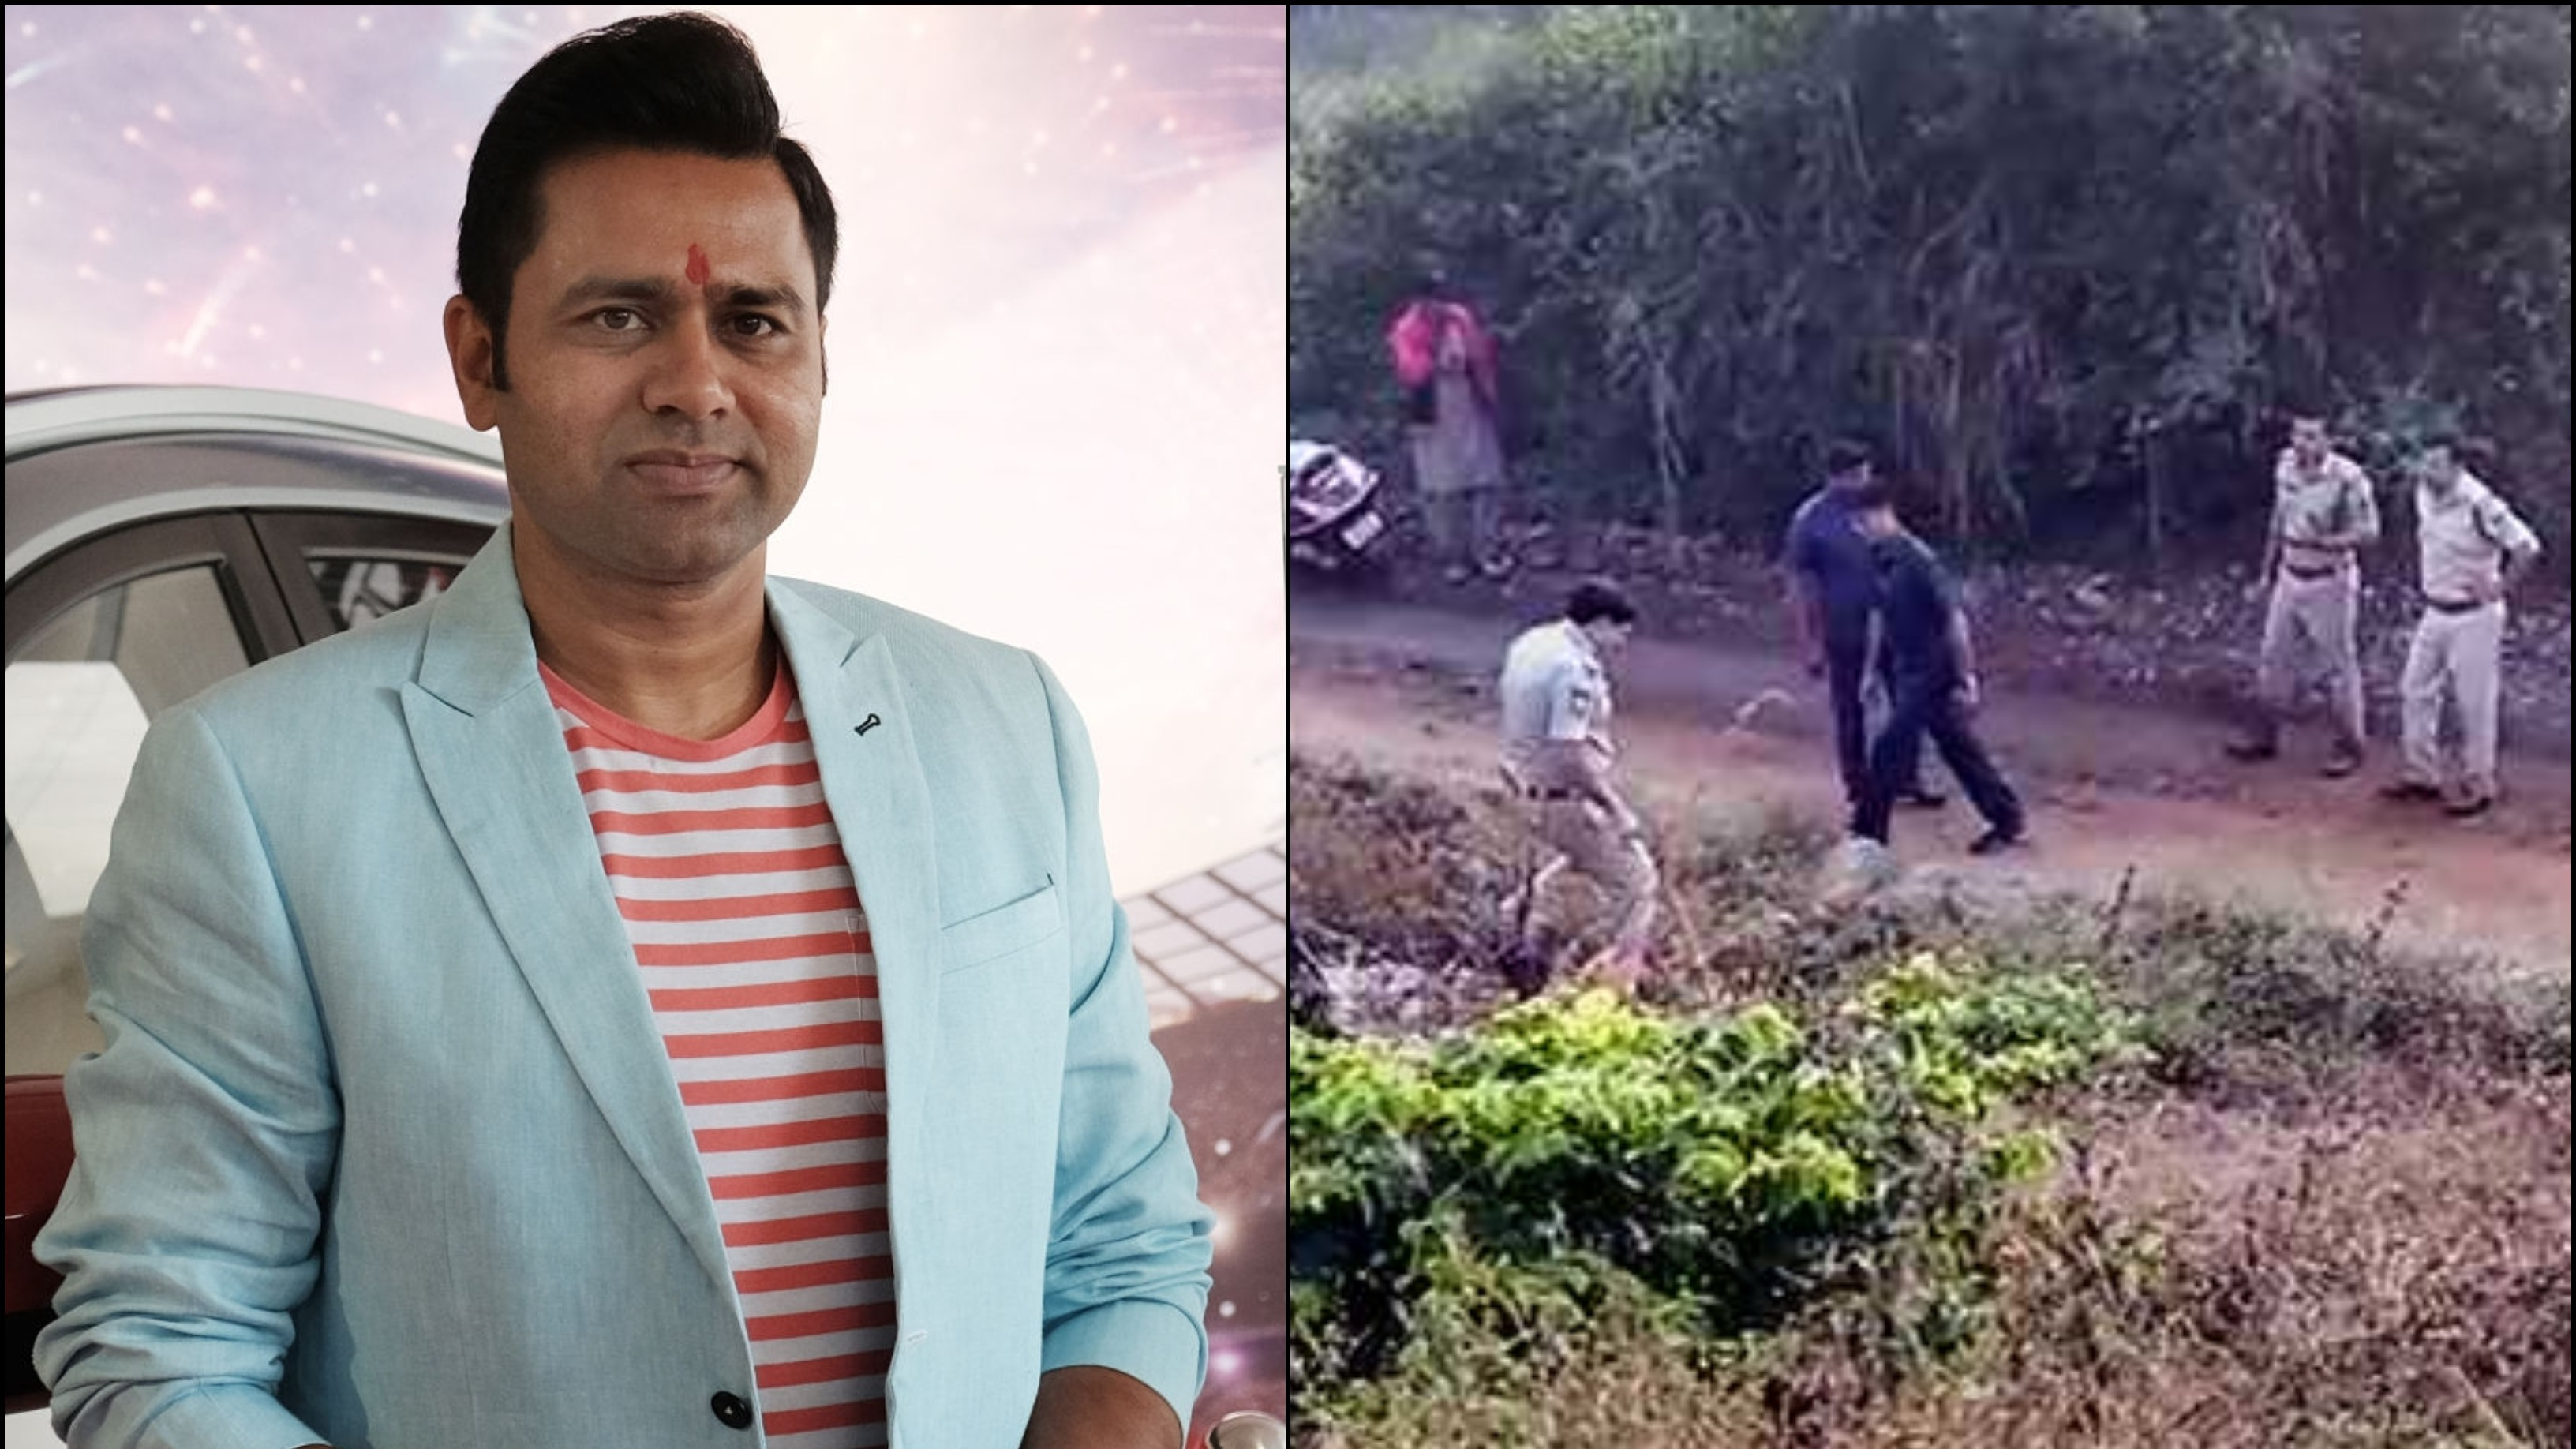 आकाश चोपड़ा ने हैदराबाद एनकाउंटर पर किया ट्वीट, फैंस ने कहा - 'अपने काम पर ध्यान दो'